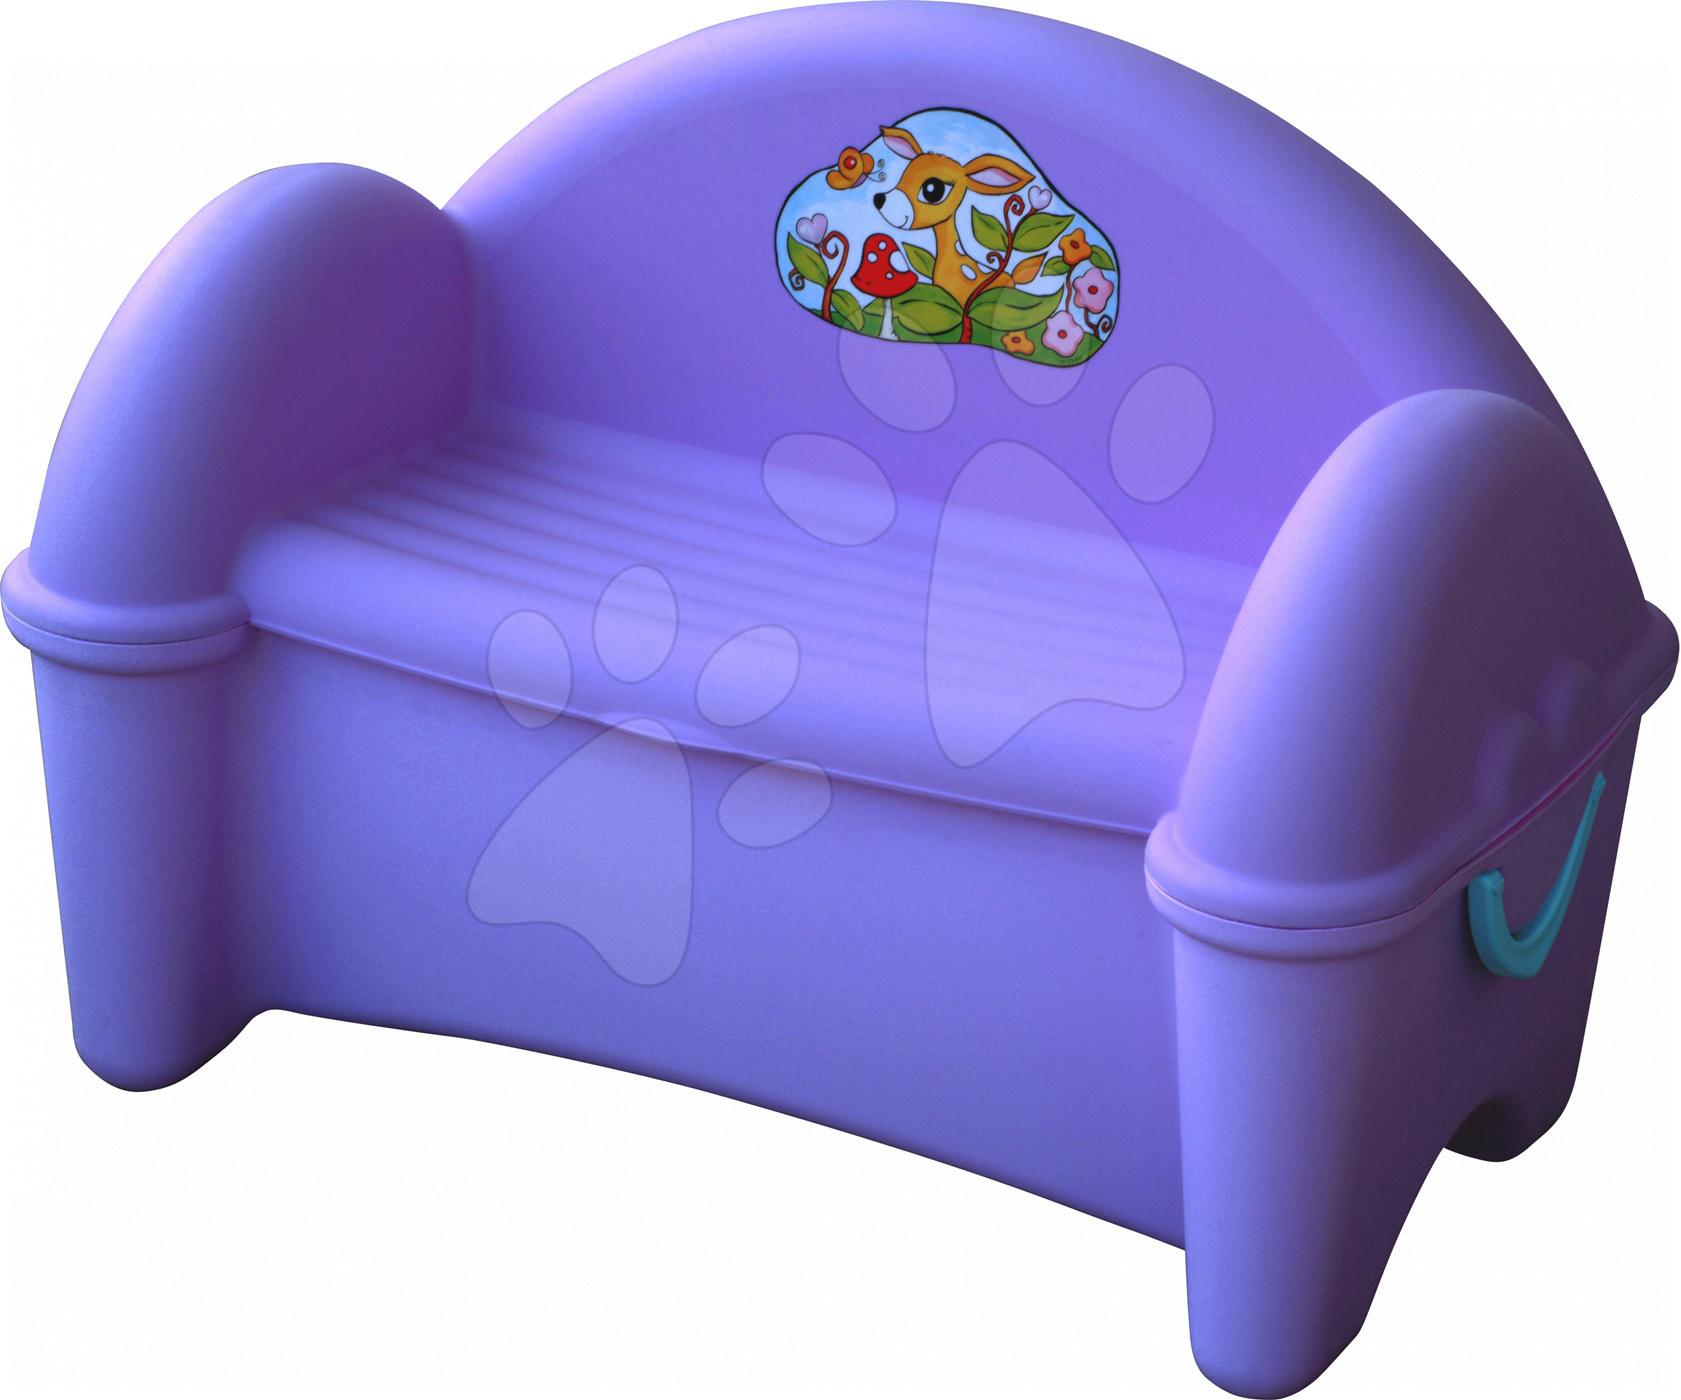 Pohovka PalPlay s úložným prostorem pro hračky fialová